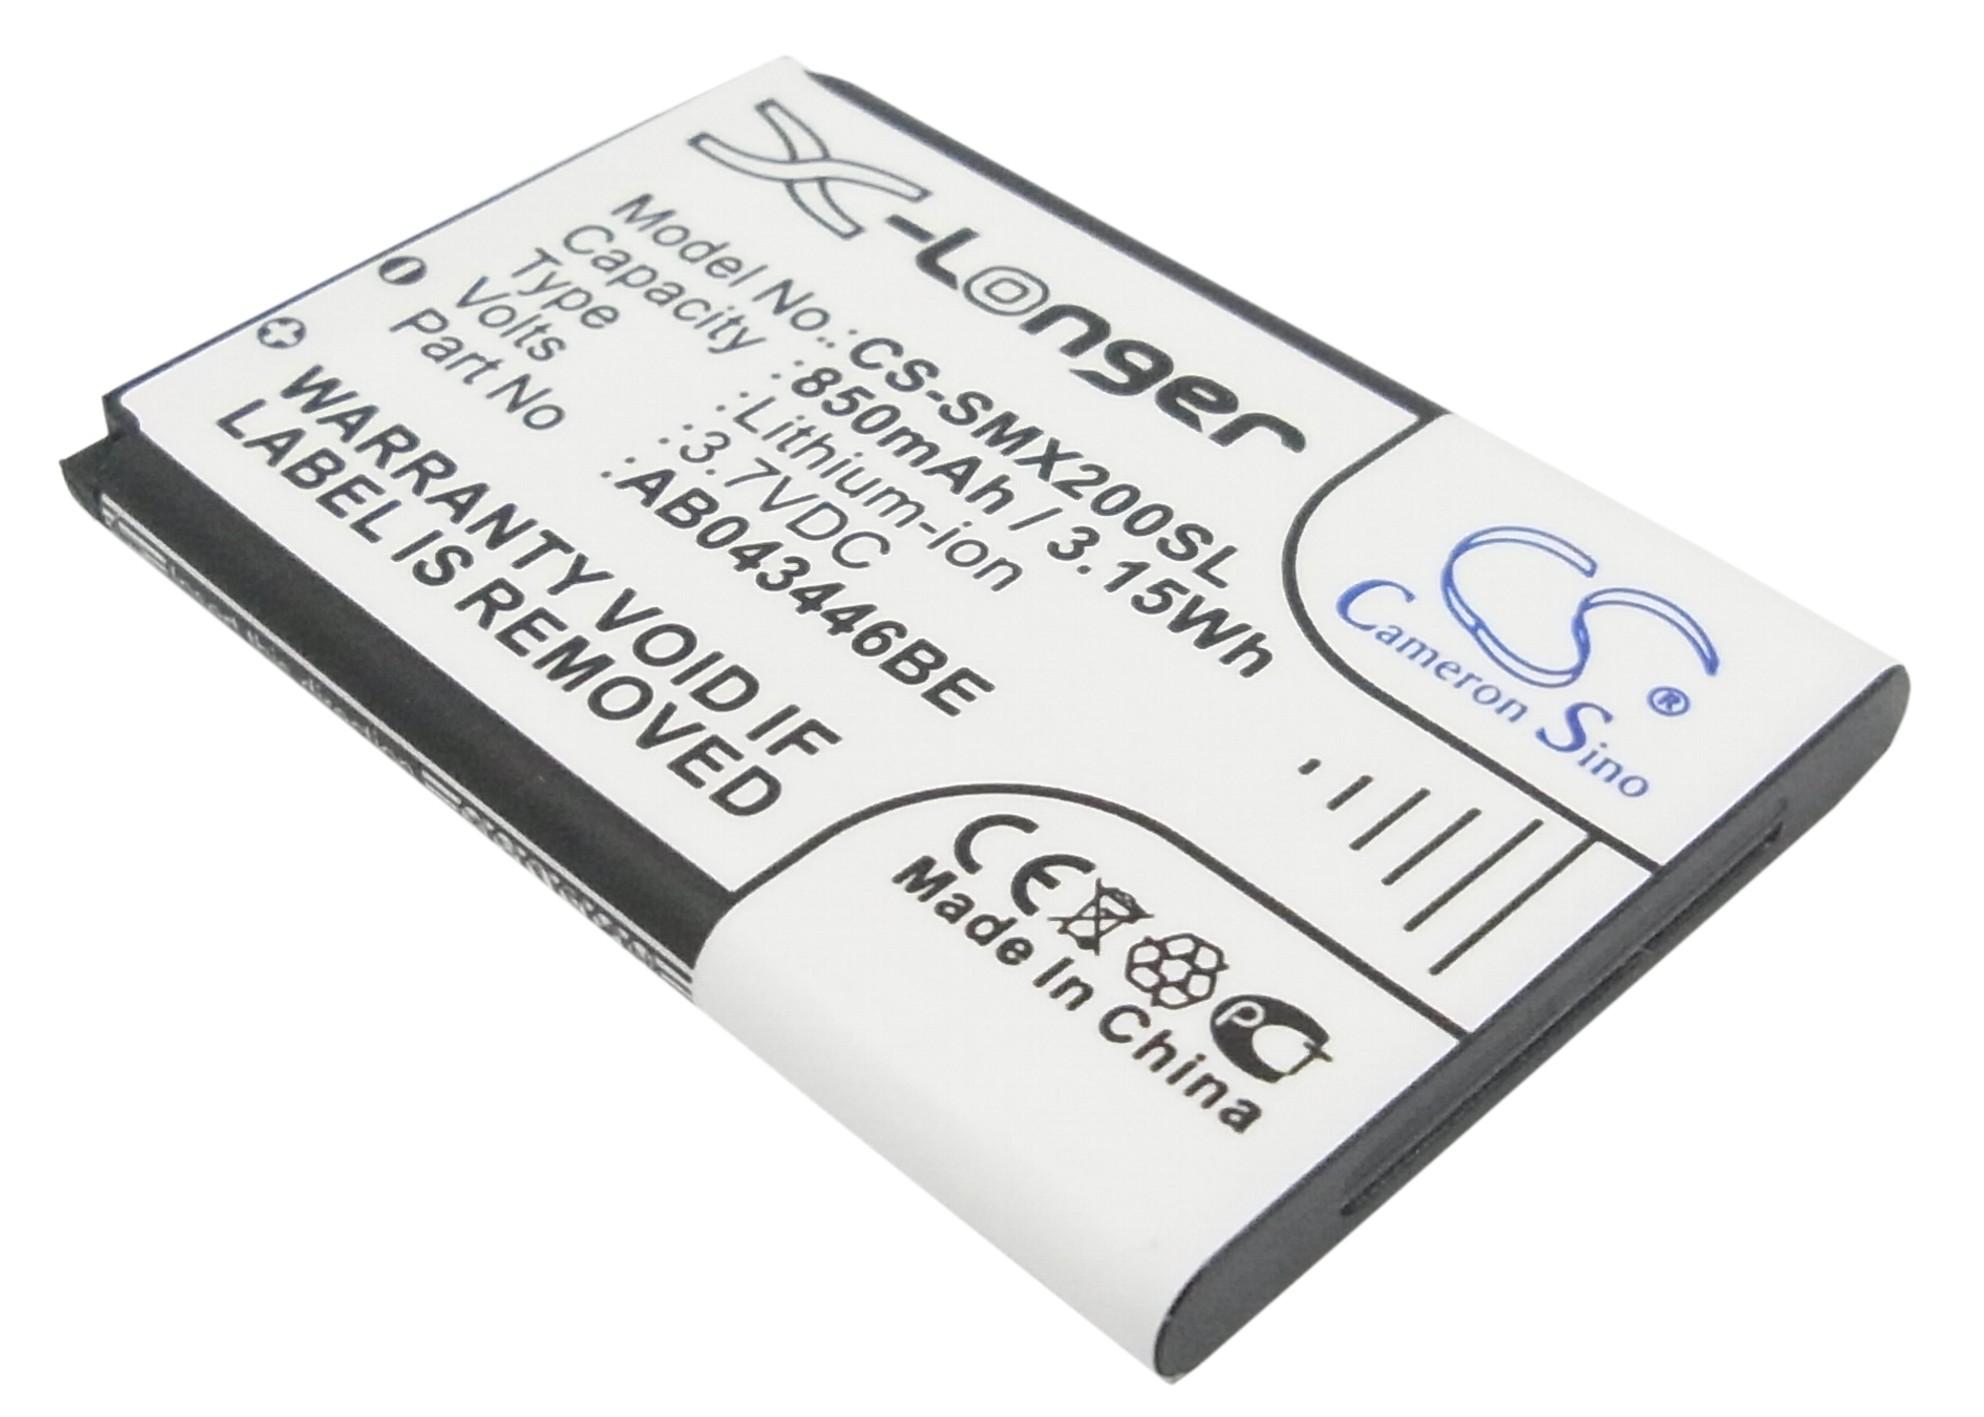 Cameron Sino baterie do mobilů pro SAMSUNG SGH-X520 3.7V Li-ion 850mAh černá - neoriginální